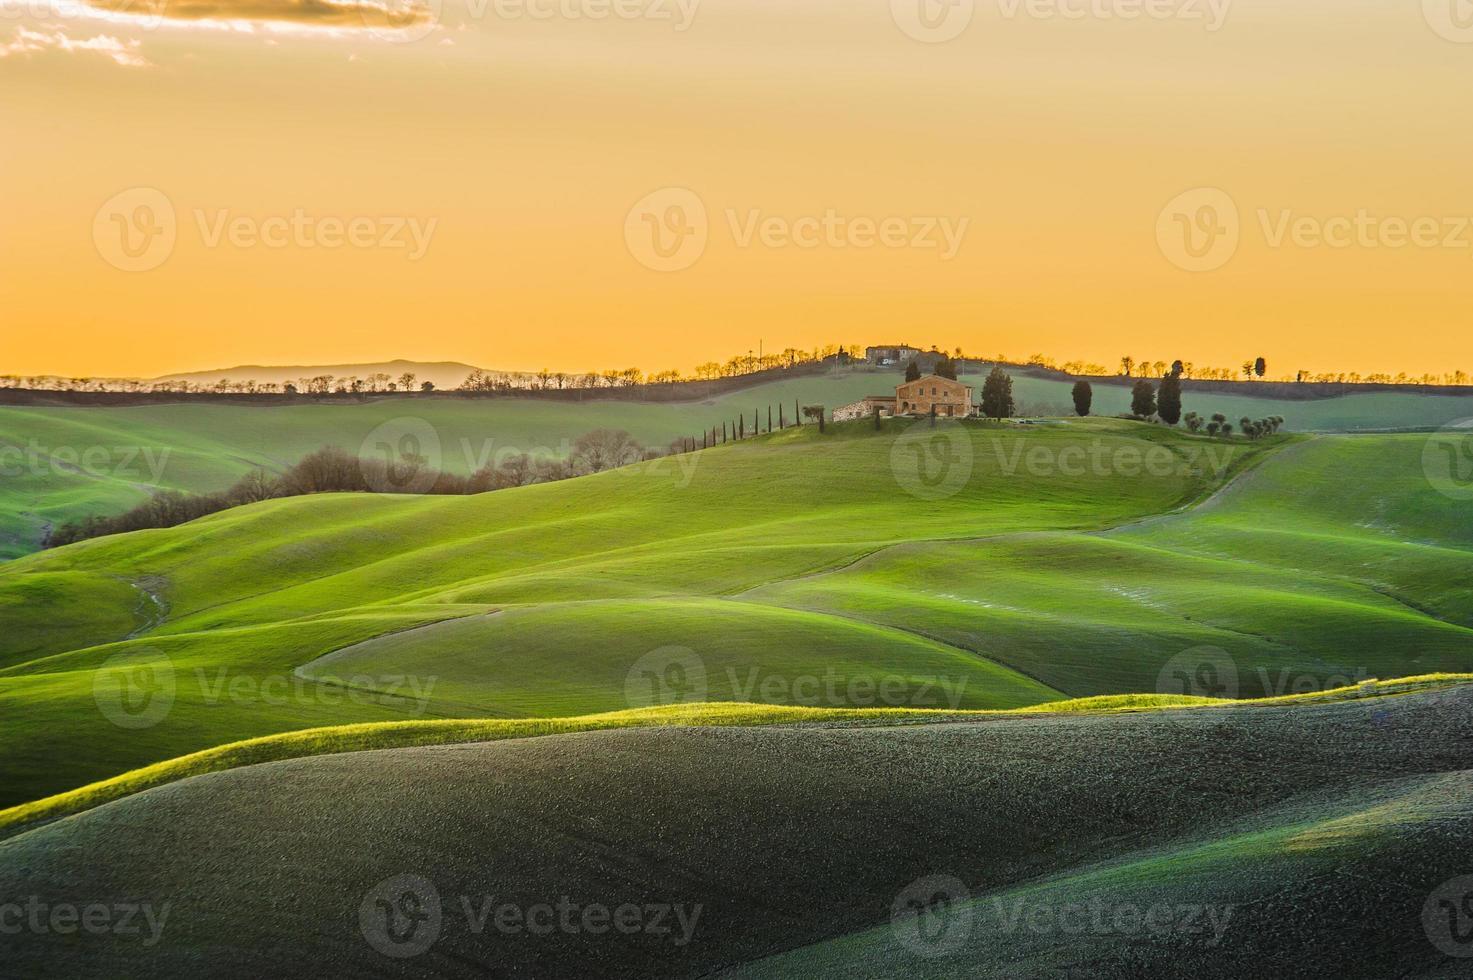 campi primaverili toscani bagnati dalla calda luce del sole foto